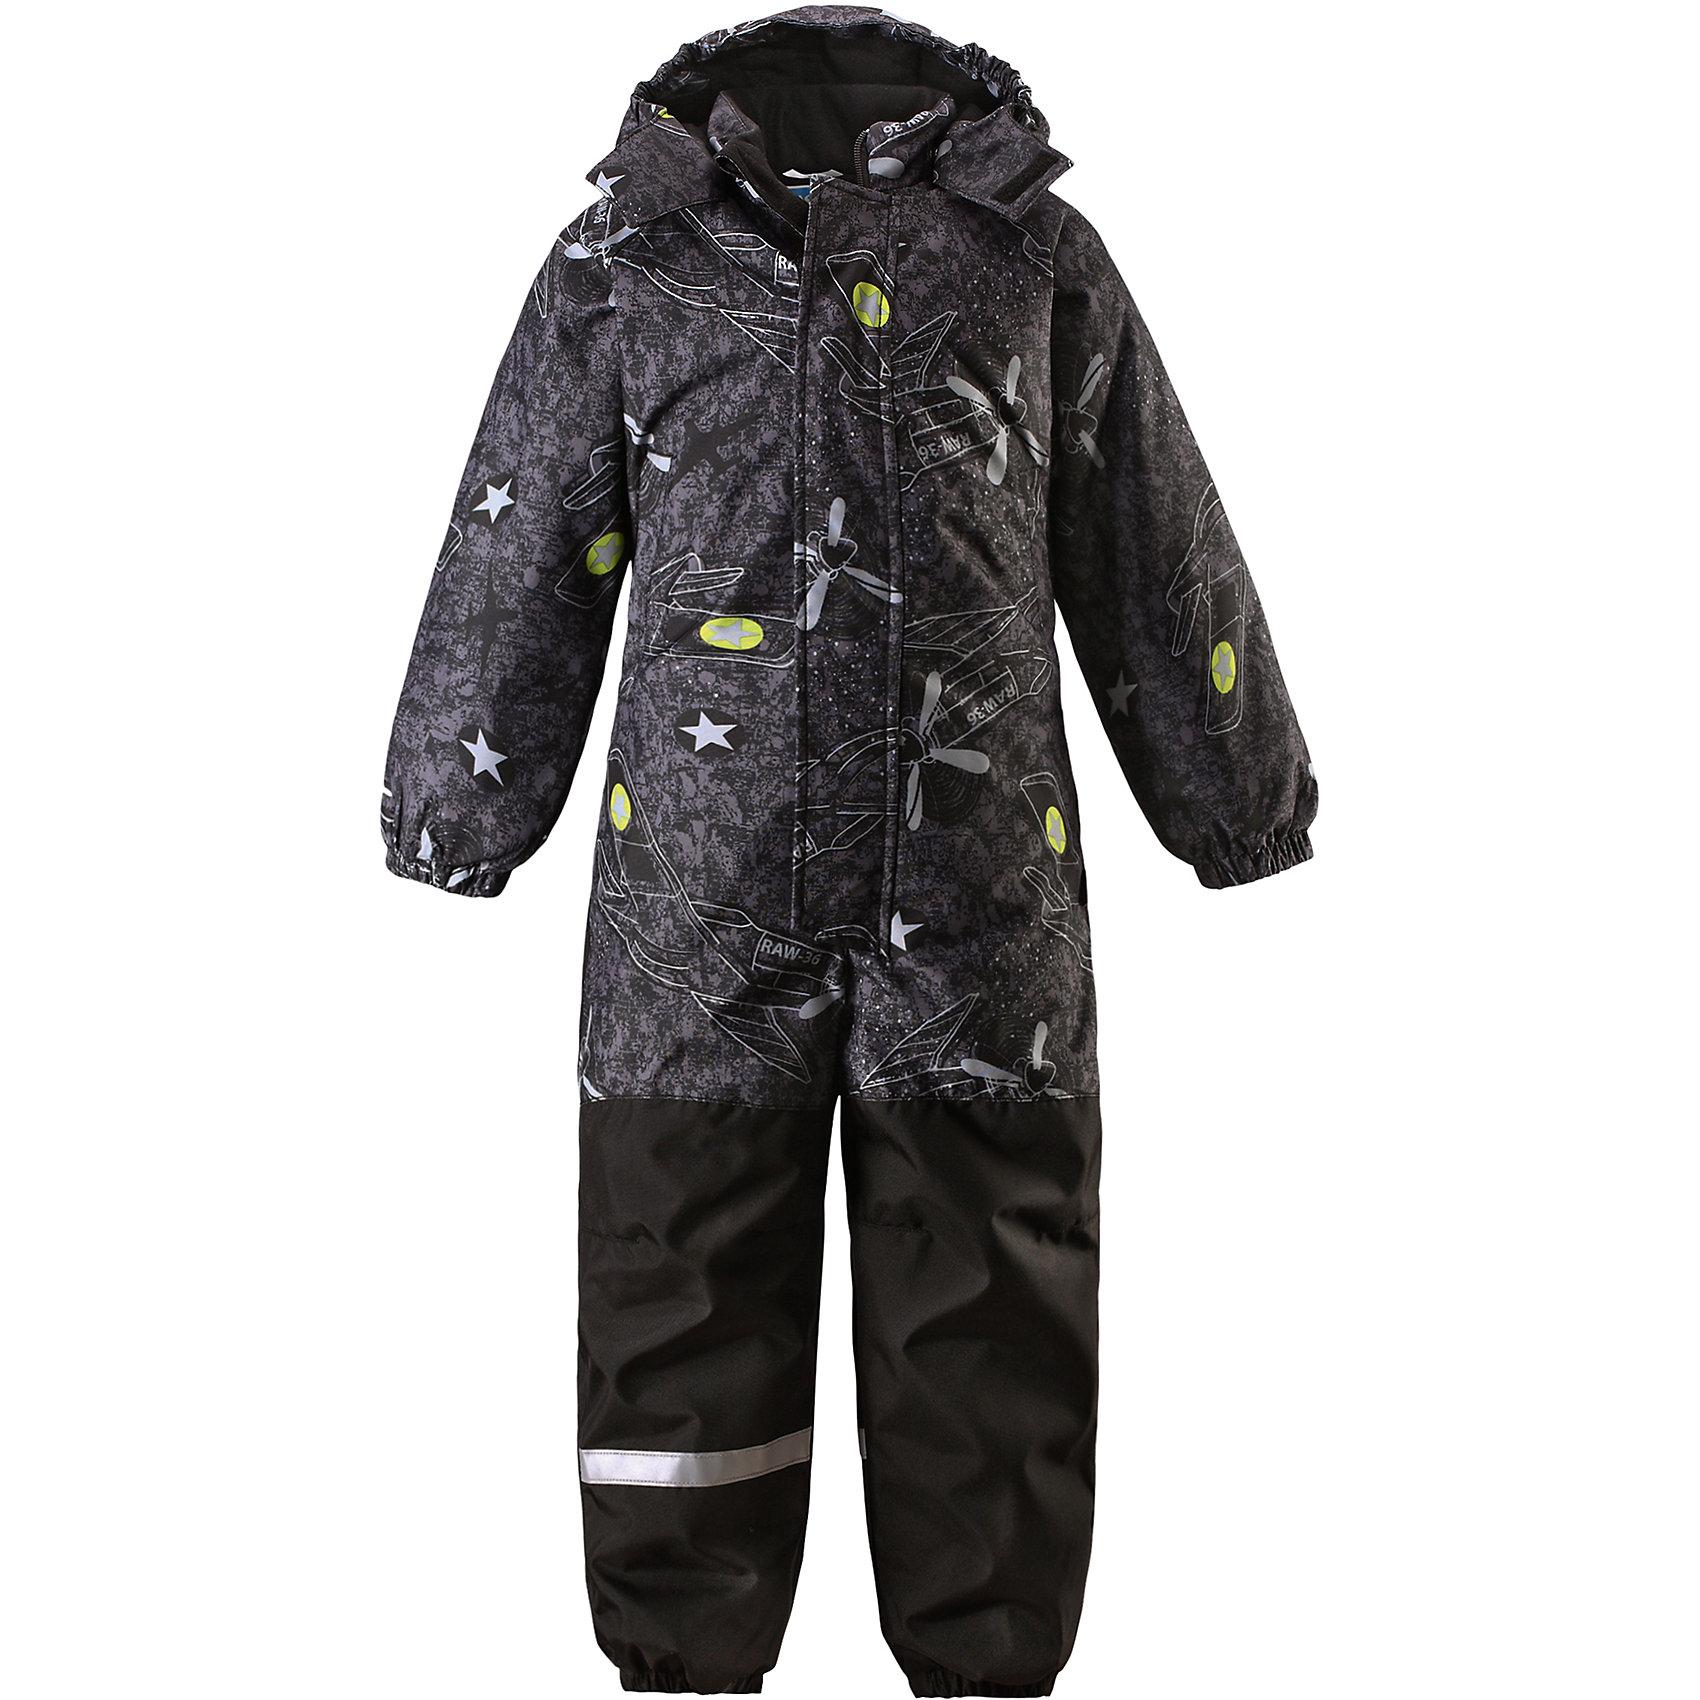 Комбинезон для мальчика LASSIEОдежда<br>Зимний комбинезон для детей известной финской марки.<br><br>- Прочный материал. Водоотталкивающий, ветронепроницаемый, «дышащий» и грязеотталкивающий материал.<br>-  Задний серединный шов проклеен. Гладкая подкладка из полиэстра. <br>- Средняя степень утепления. <br>- Безопасный, съемный капюшон. Эластичные манжеты. Эластичные штанины.<br>-  Съемные эластичные штрипки. Нагрудный карман на молнии. <br>- Принт по всей поверхности.  <br><br>Рекомендации по уходу: Стирать по отдельности, вывернув наизнанку. Застегнуть молнии и липучки. Соблюдать температуру в соответствии с руководством по уходу. Стирать моющим средством, не содержащим отбеливающие вещества. Полоскать без специального средства. Сушение в сушильном шкафу разрешено при  низкой температуре.<br><br>Состав: 100% Полиамид, полиуретановое покрытие.  Утеплитель «Lassie wadding» 180гр.<br><br>Ширина мм: 356<br>Глубина мм: 10<br>Высота мм: 245<br>Вес г: 519<br>Цвет: черный<br>Возраст от месяцев: 12<br>Возраст до месяцев: 15<br>Пол: Мужской<br>Возраст: Детский<br>Размер: 80,128,86,92,98,104,110,116,122<br>SKU: 4782028